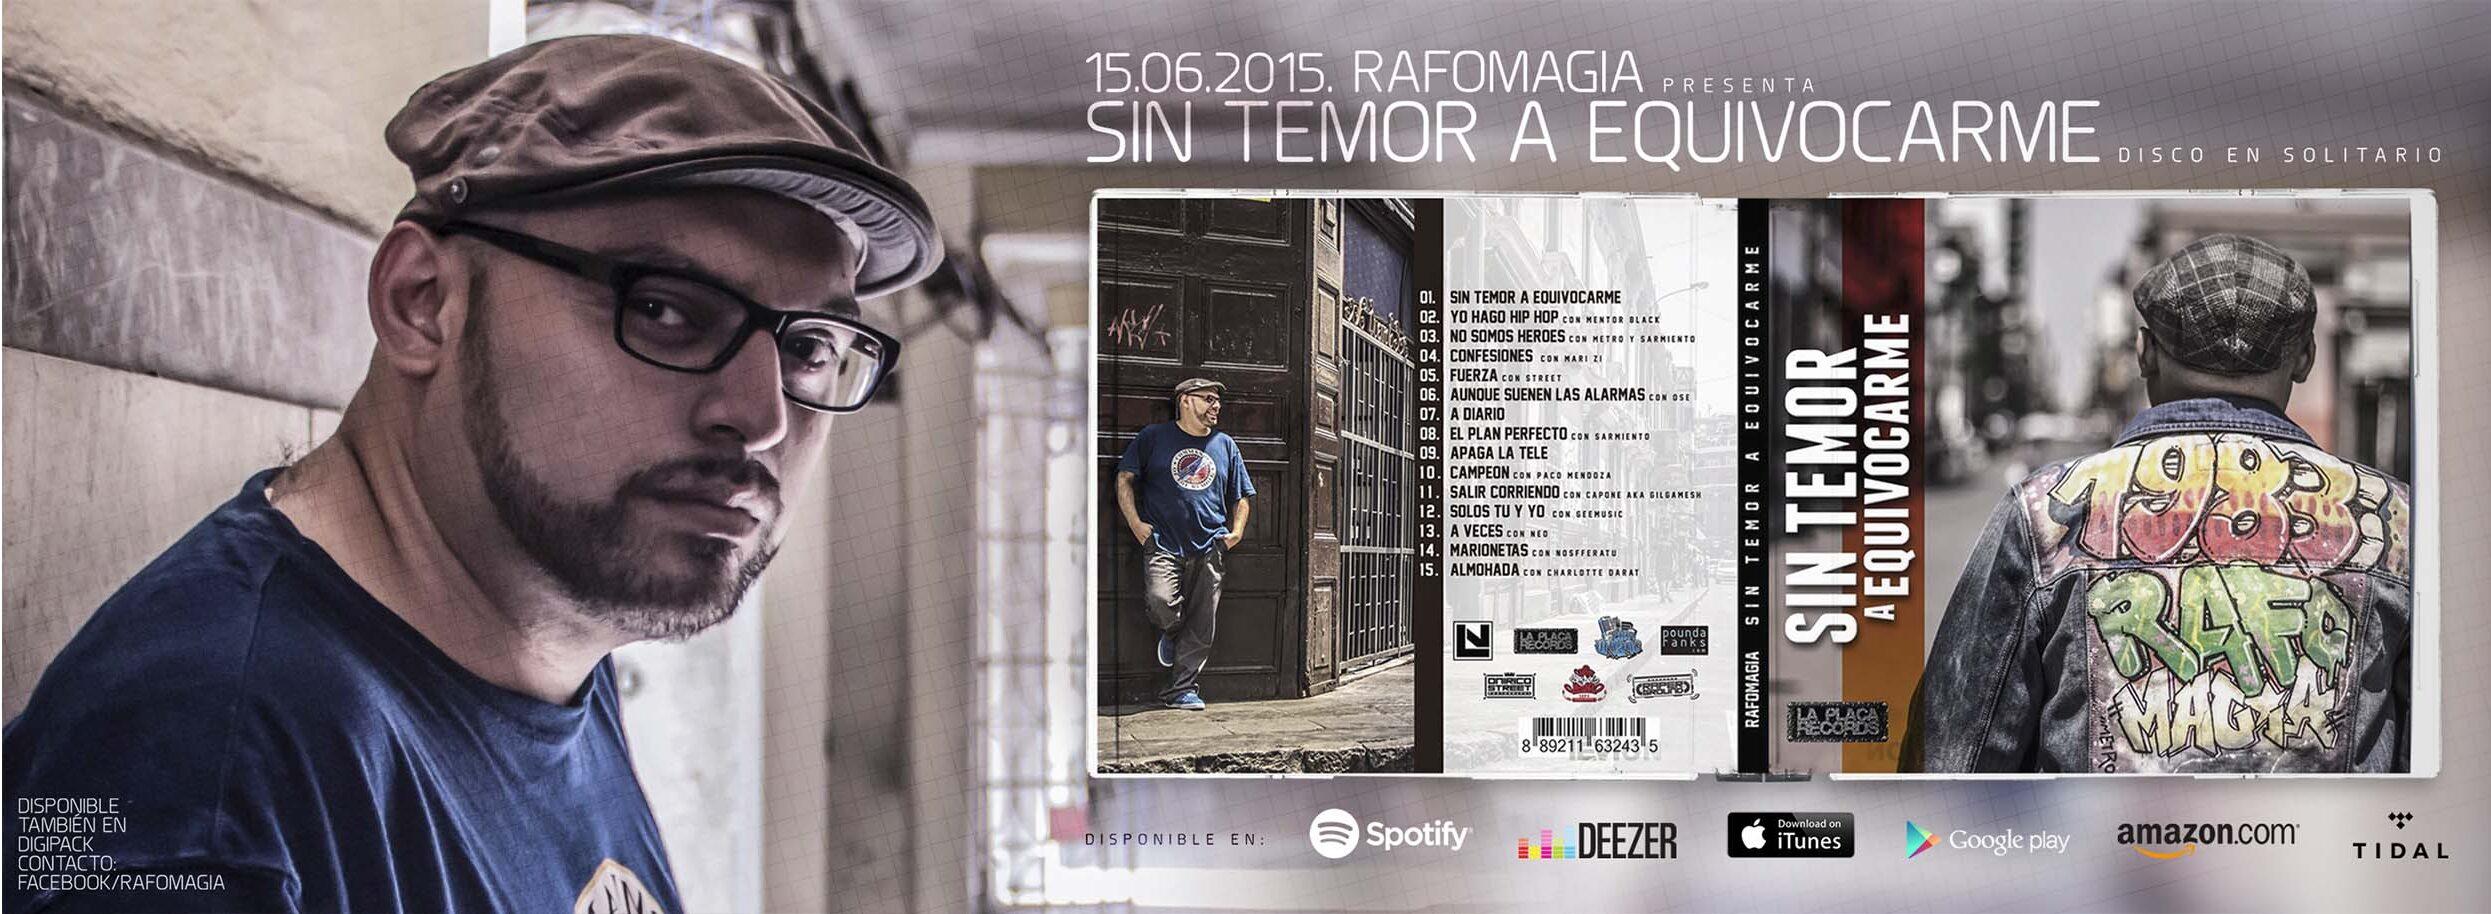 RAFOMAGIA - Brochure STAE-8